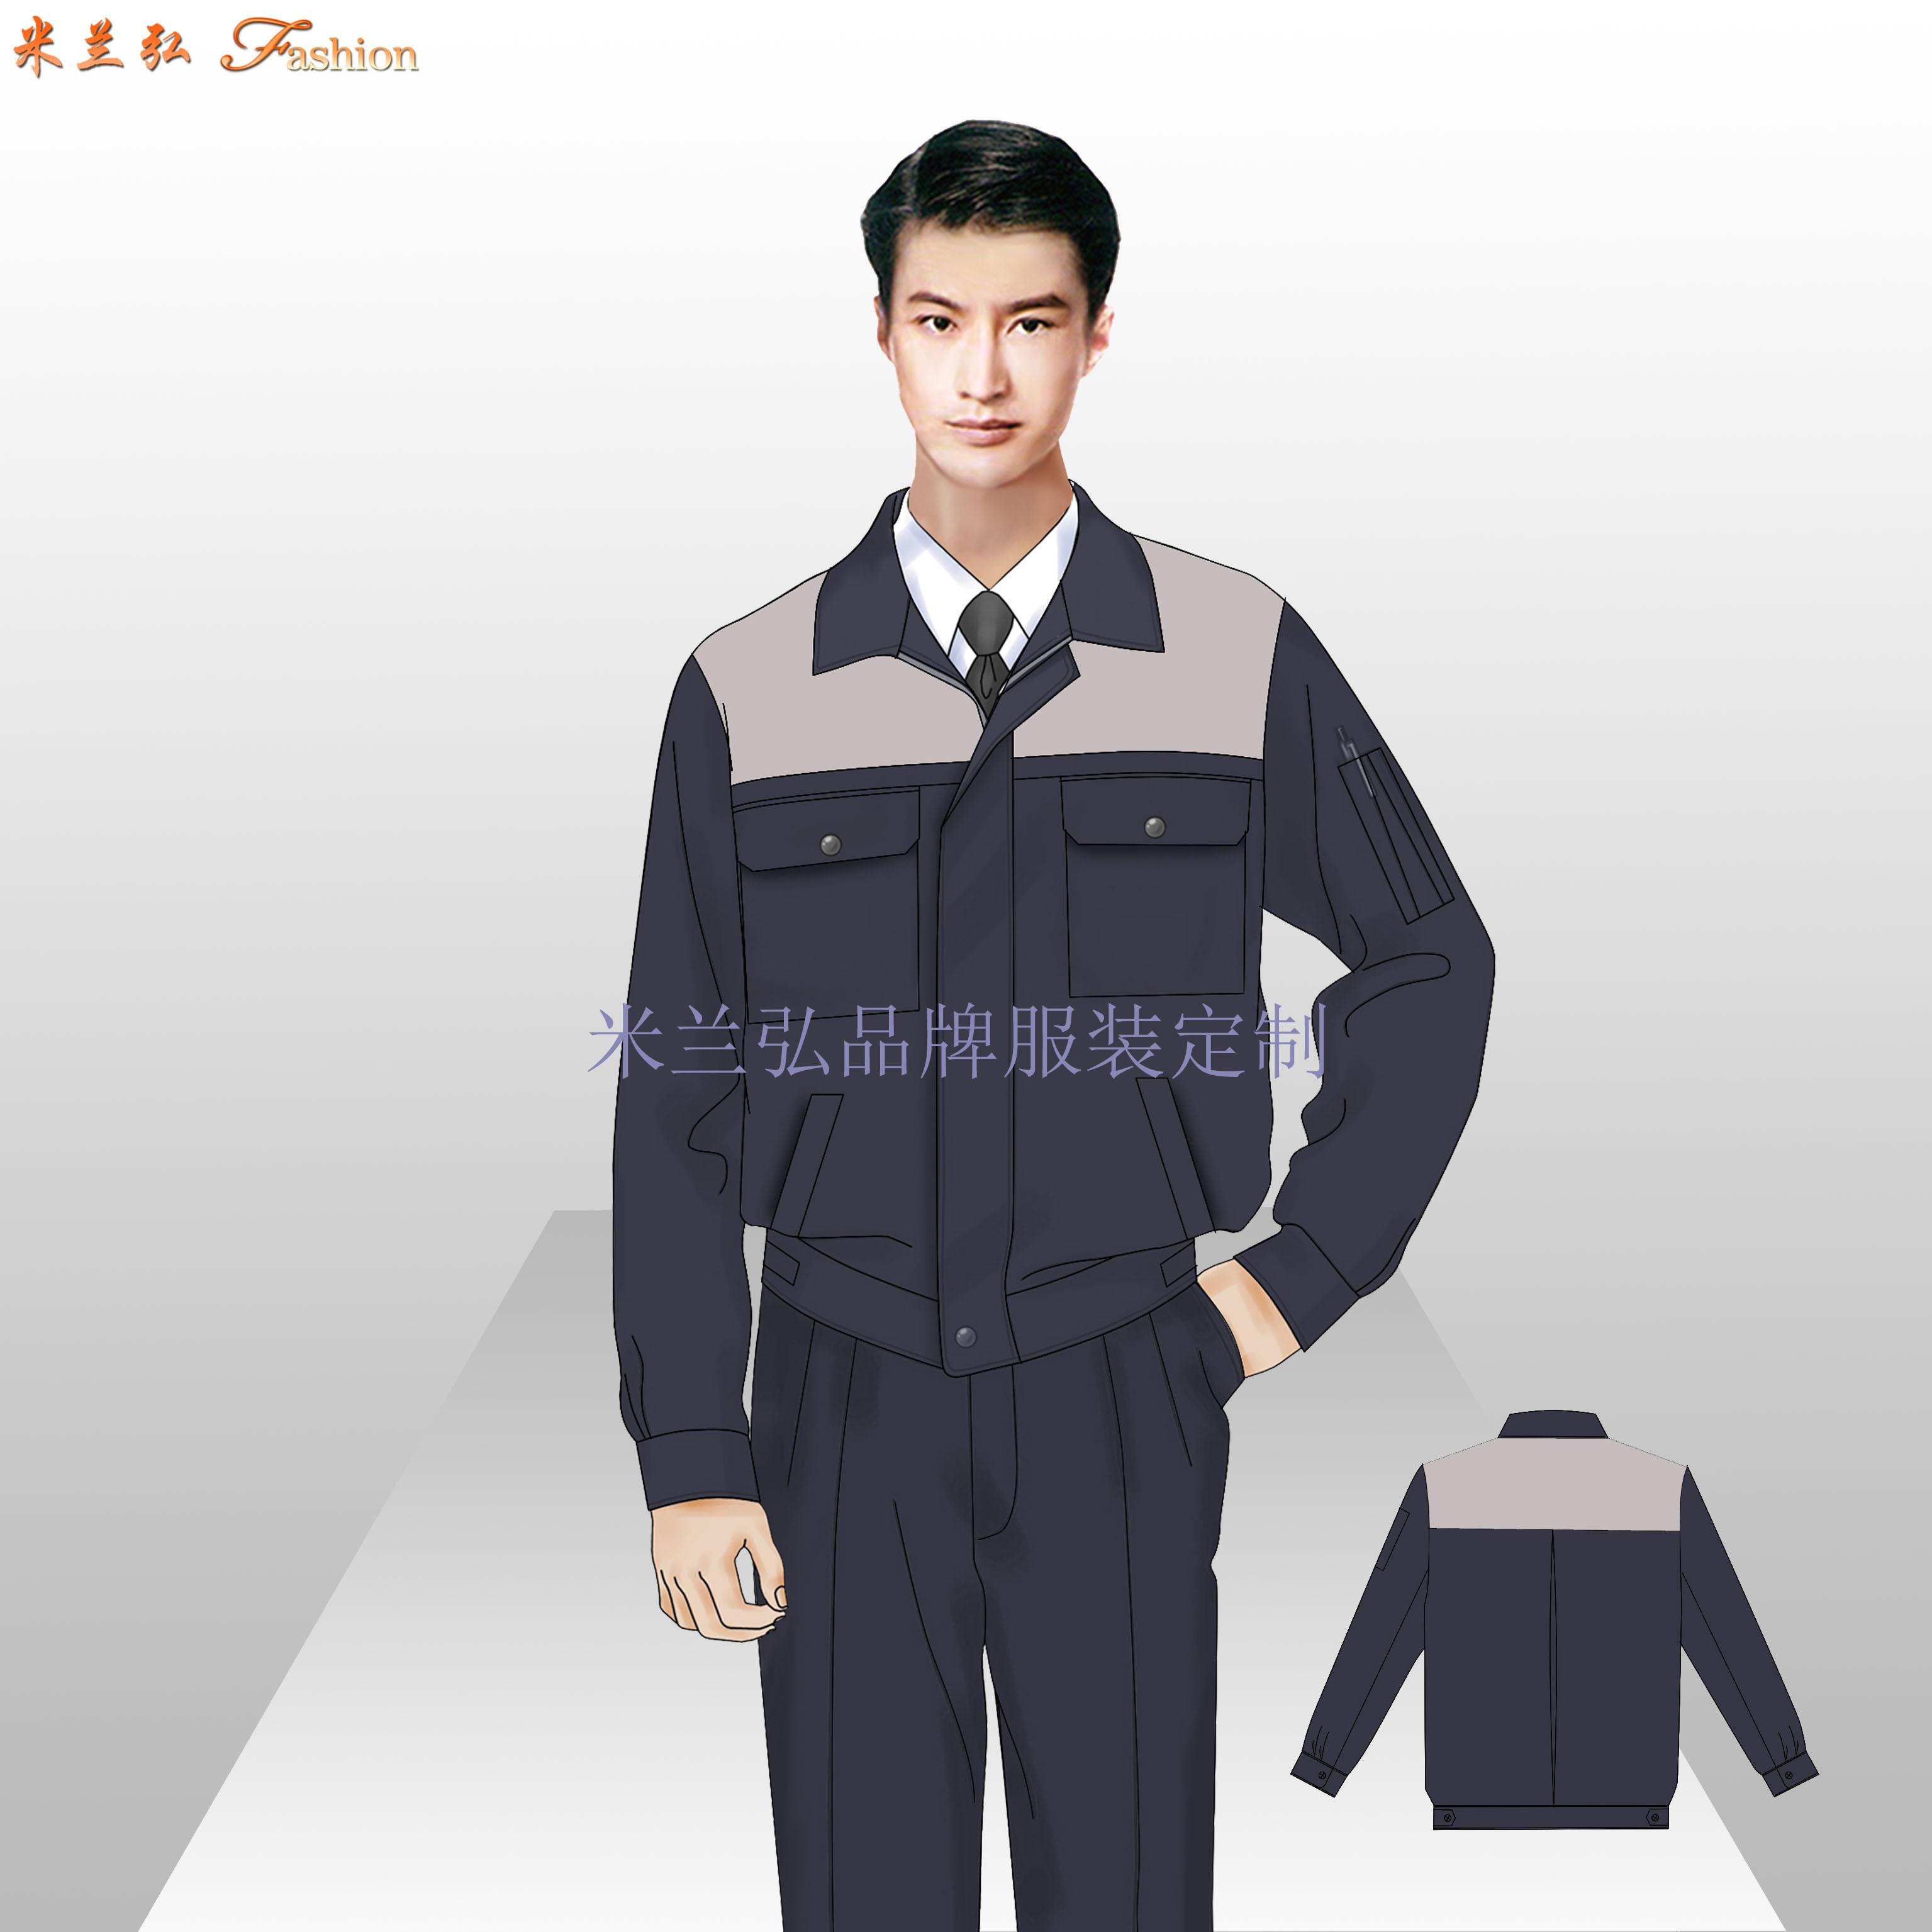 南通工作服廠家_工程服定做優惠價款式---米蘭弘服裝-1